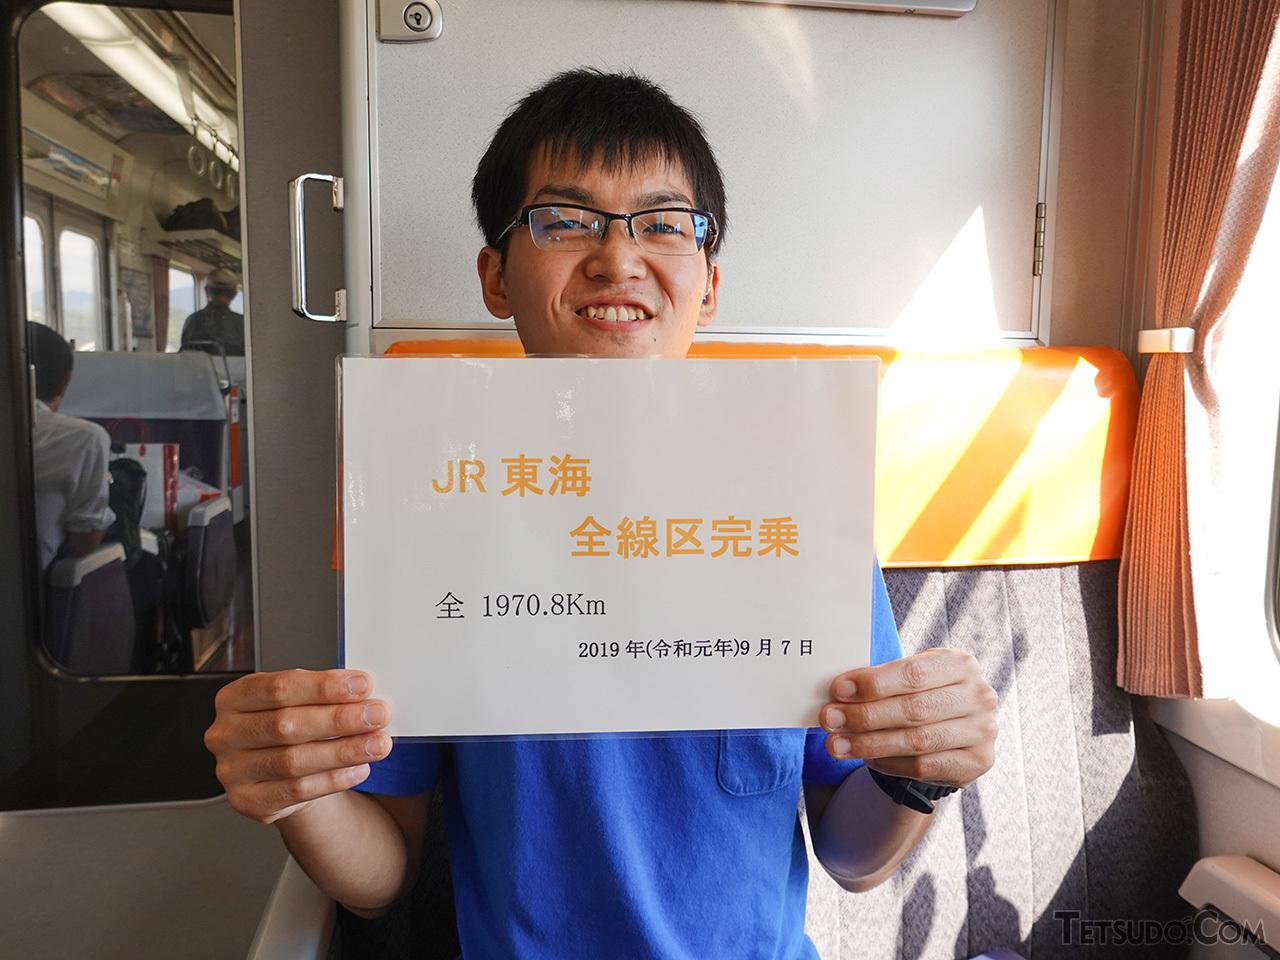 美濃赤坂駅でJR東海の全線を完乗した森竜哉さん。乗り潰しを志して4年目での快挙だそうです。JR全線完乗まで残り12%ほどですが、ここからが大変な道のりです